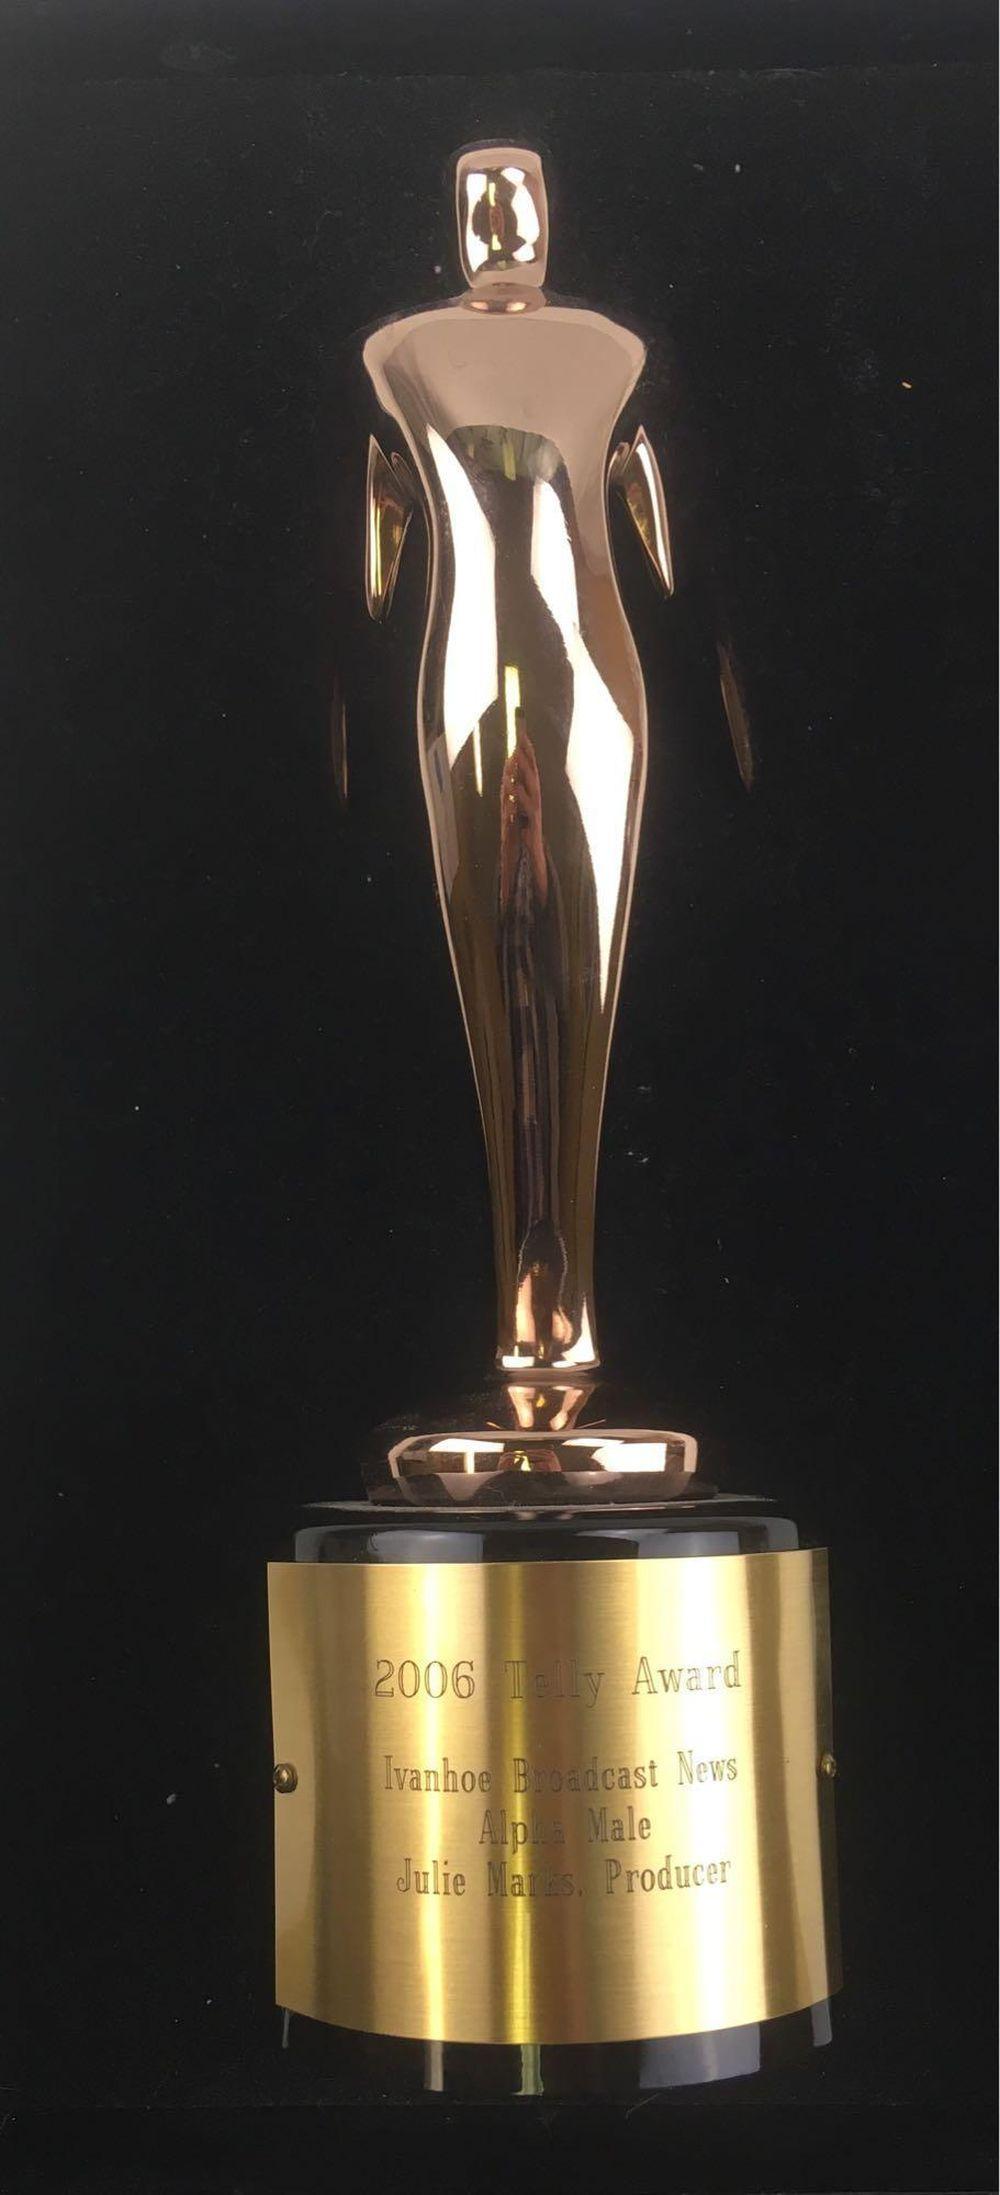 Lot 711: Telly Award, 2006